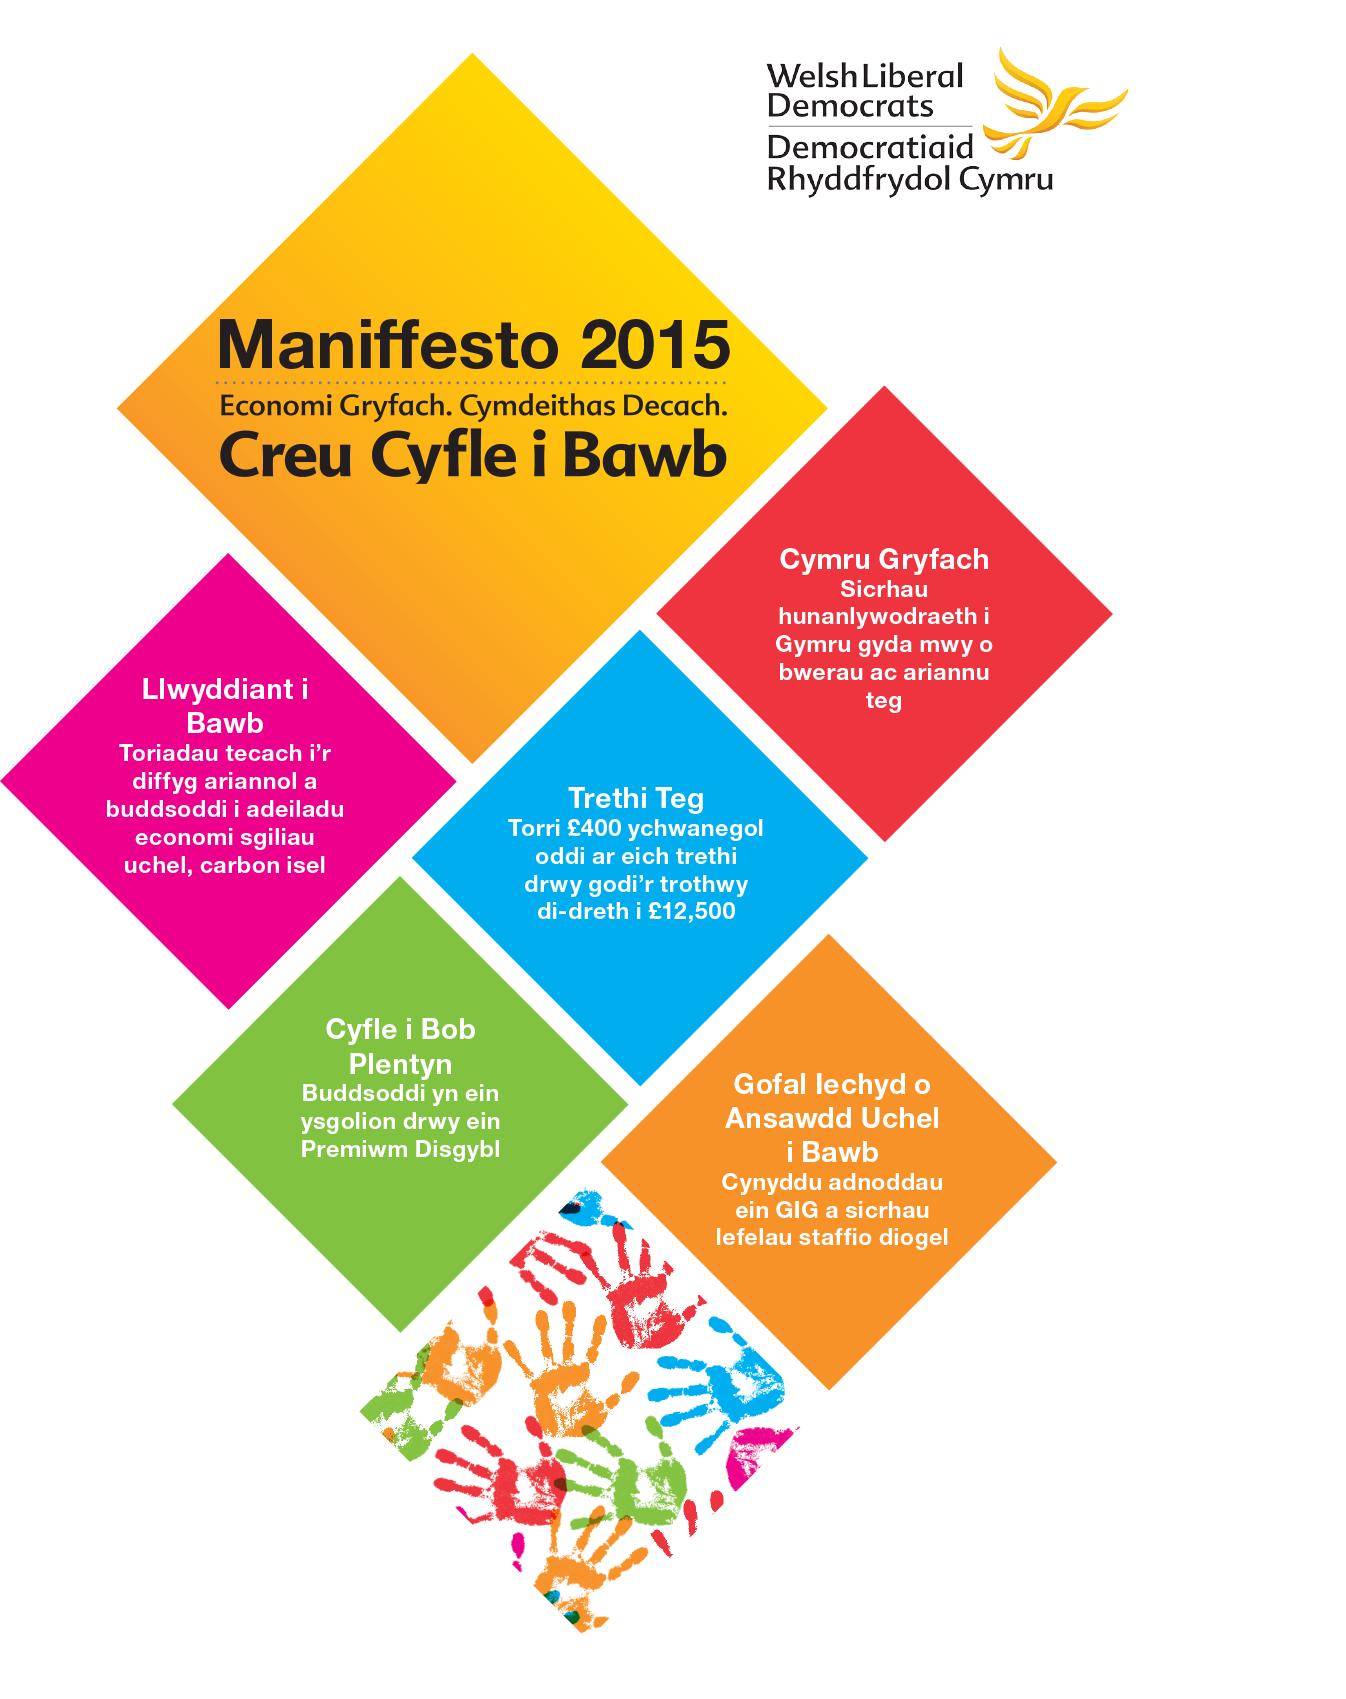 Dem Rhydd Cymru yn cyhoeddi clawr maniffesto 2015